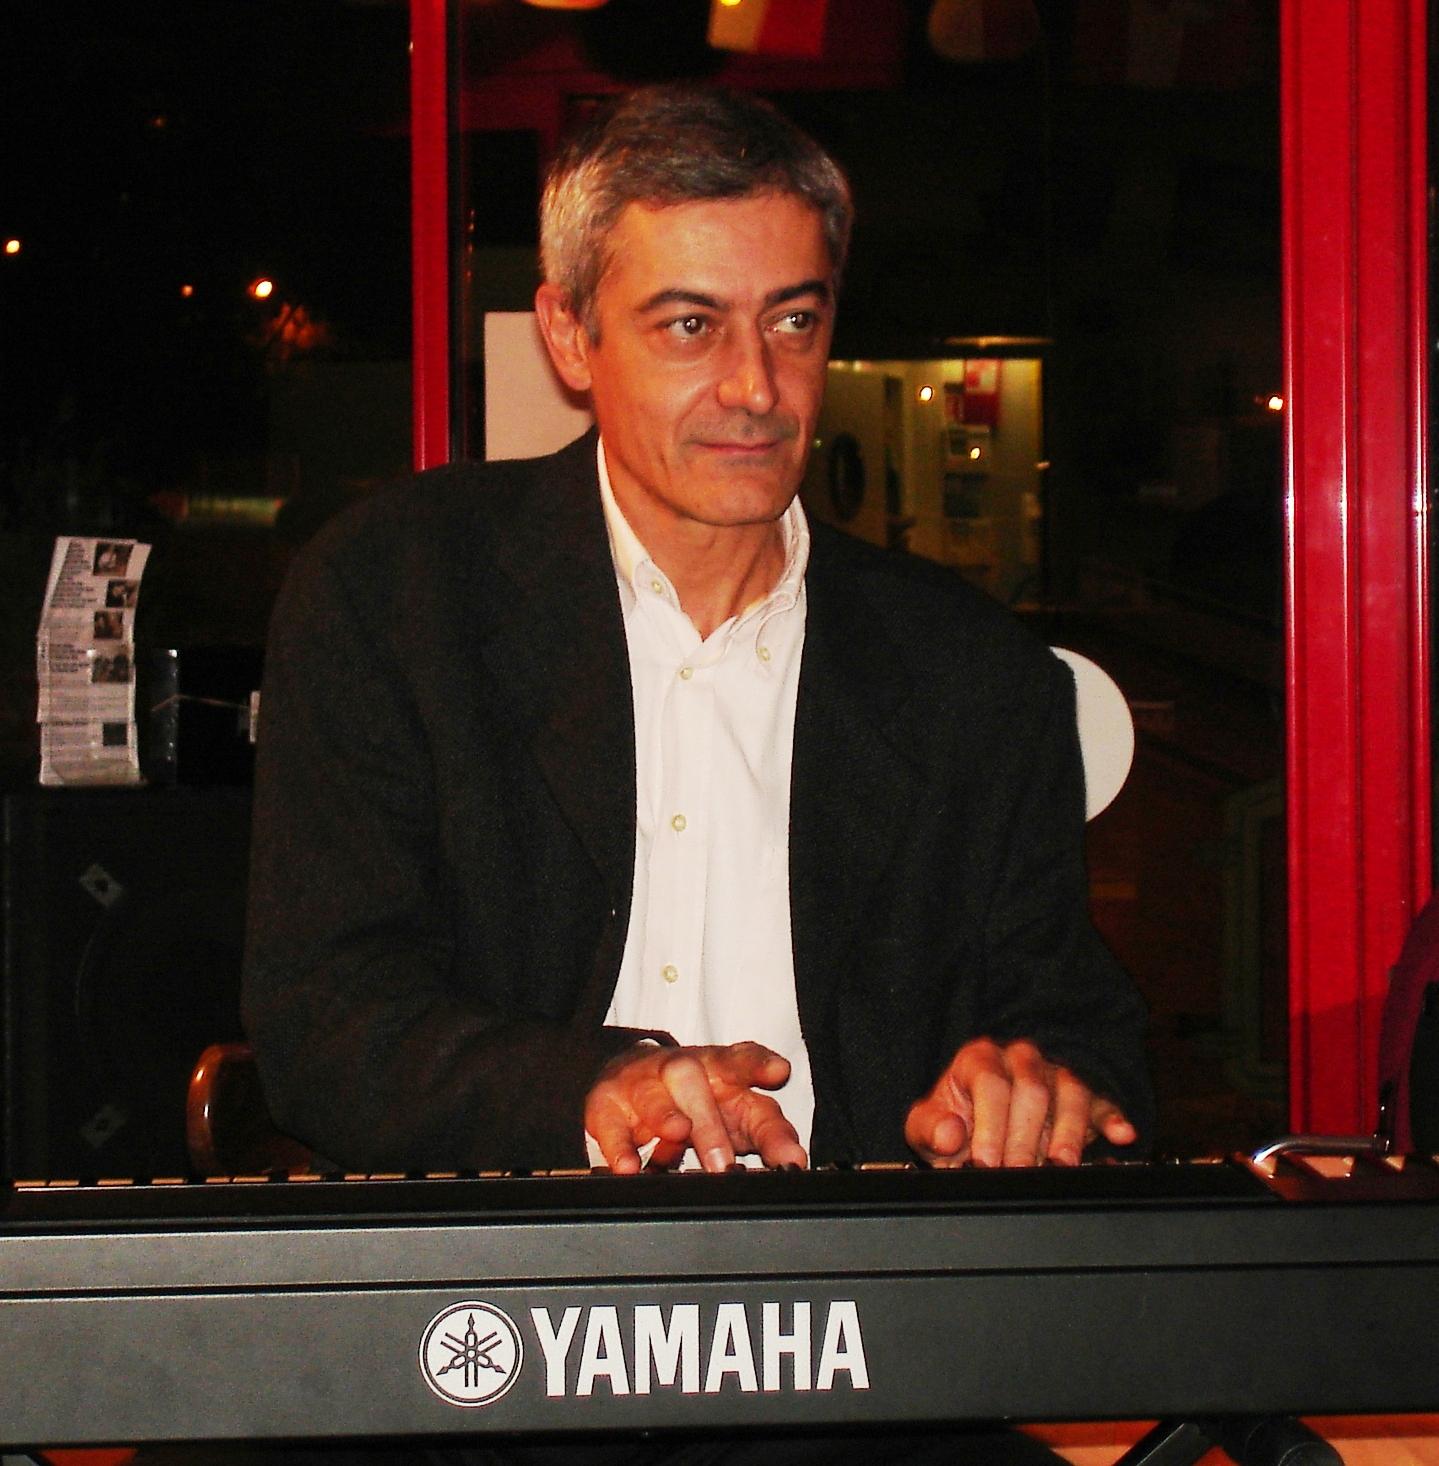 Jean Pierre Guihaume